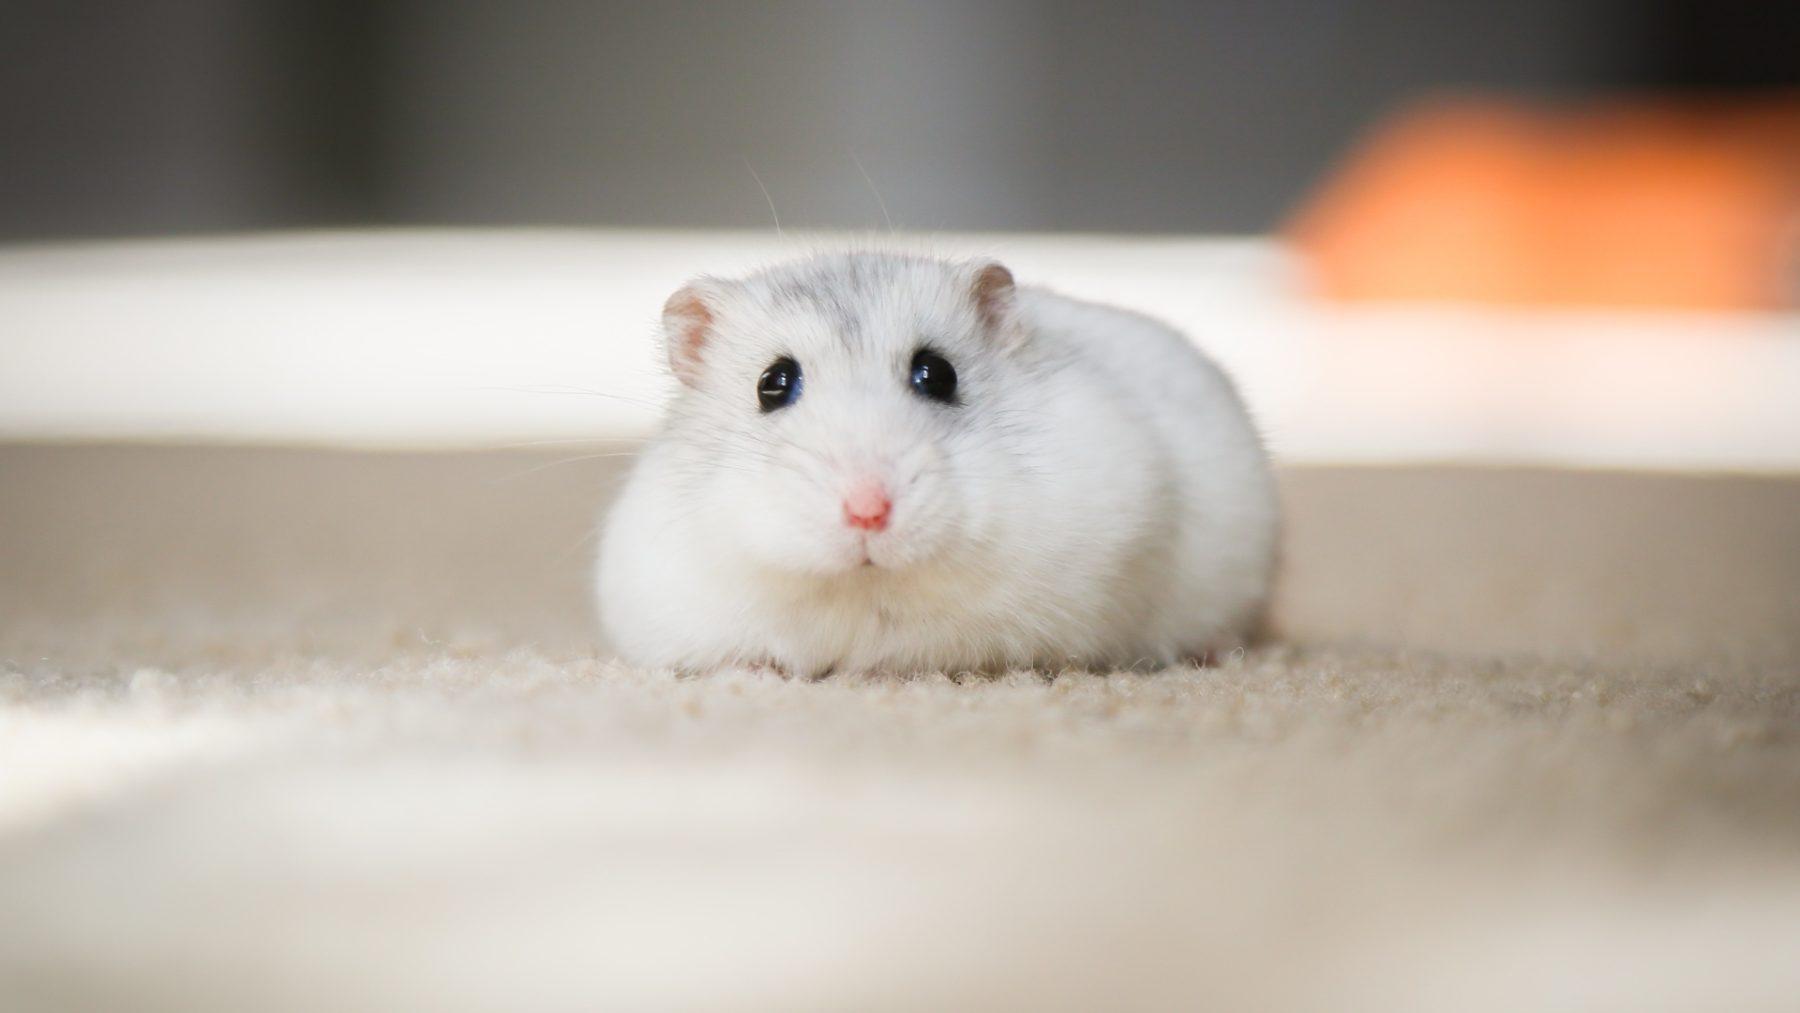 Wijnanda verkocht een hamster met toebehoren via Marktplaats: 'Regende boze reacties'